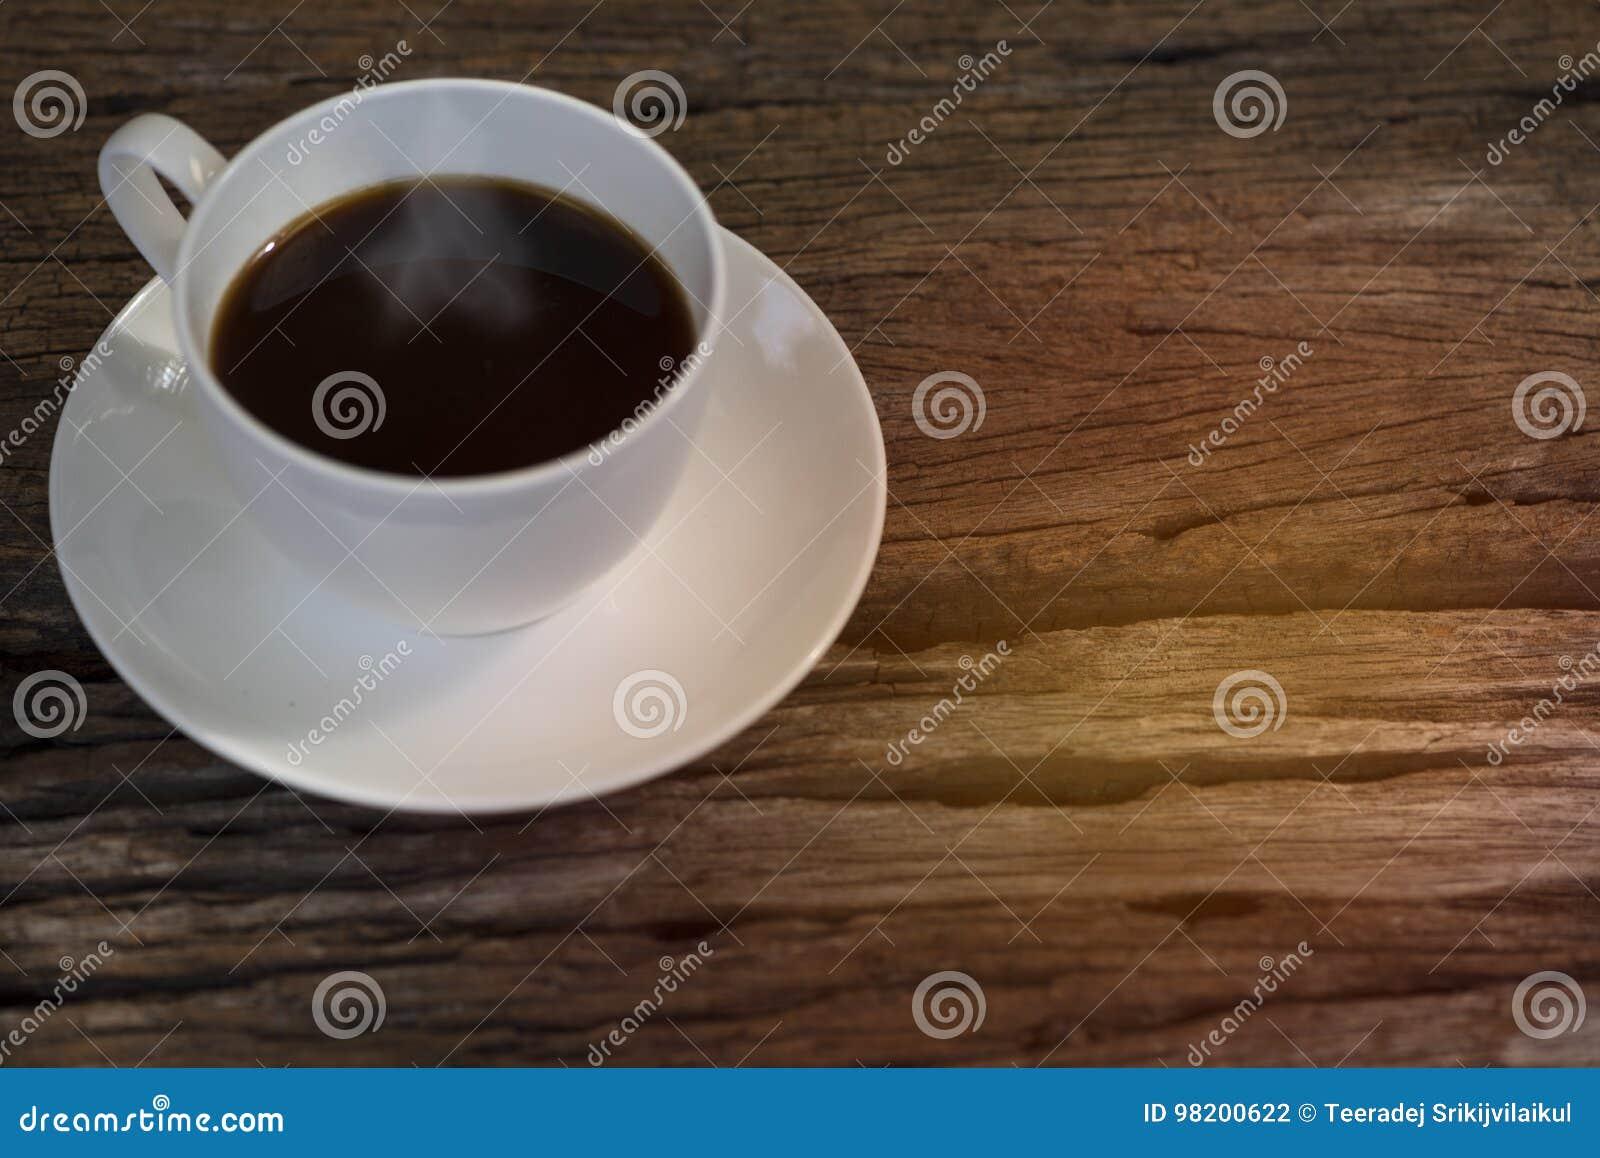 Download Чашка кофе на таблице стоковое фото. изображение насчитывающей никто - 98200622